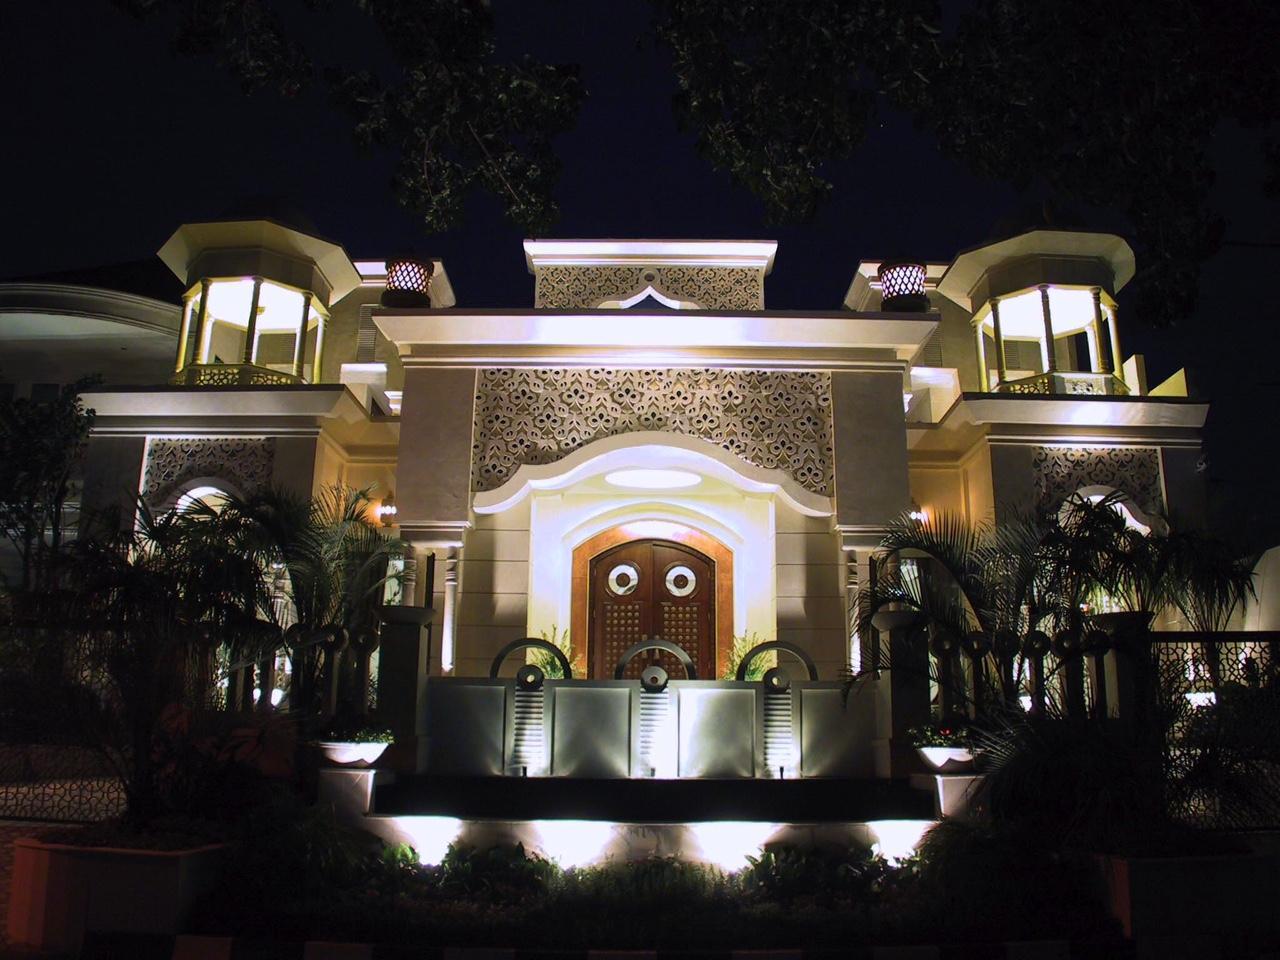 rumah-maroko-fb-1